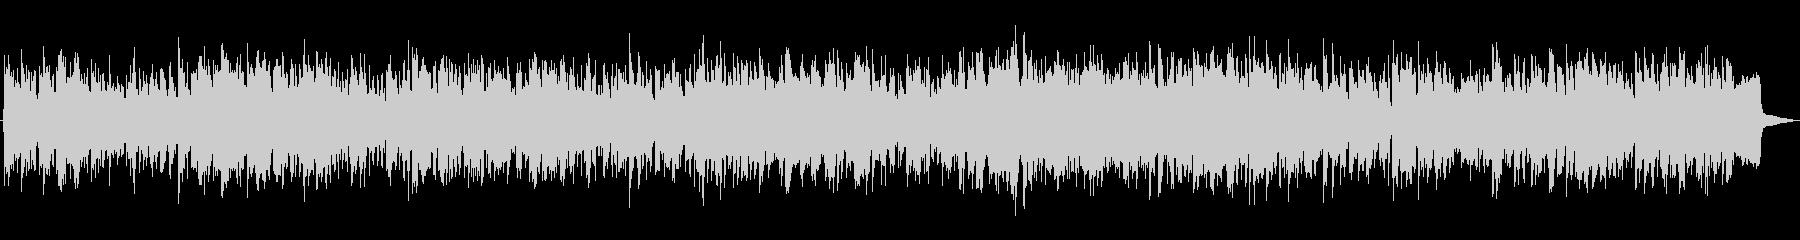 陽気なカントリーBGMの未再生の波形